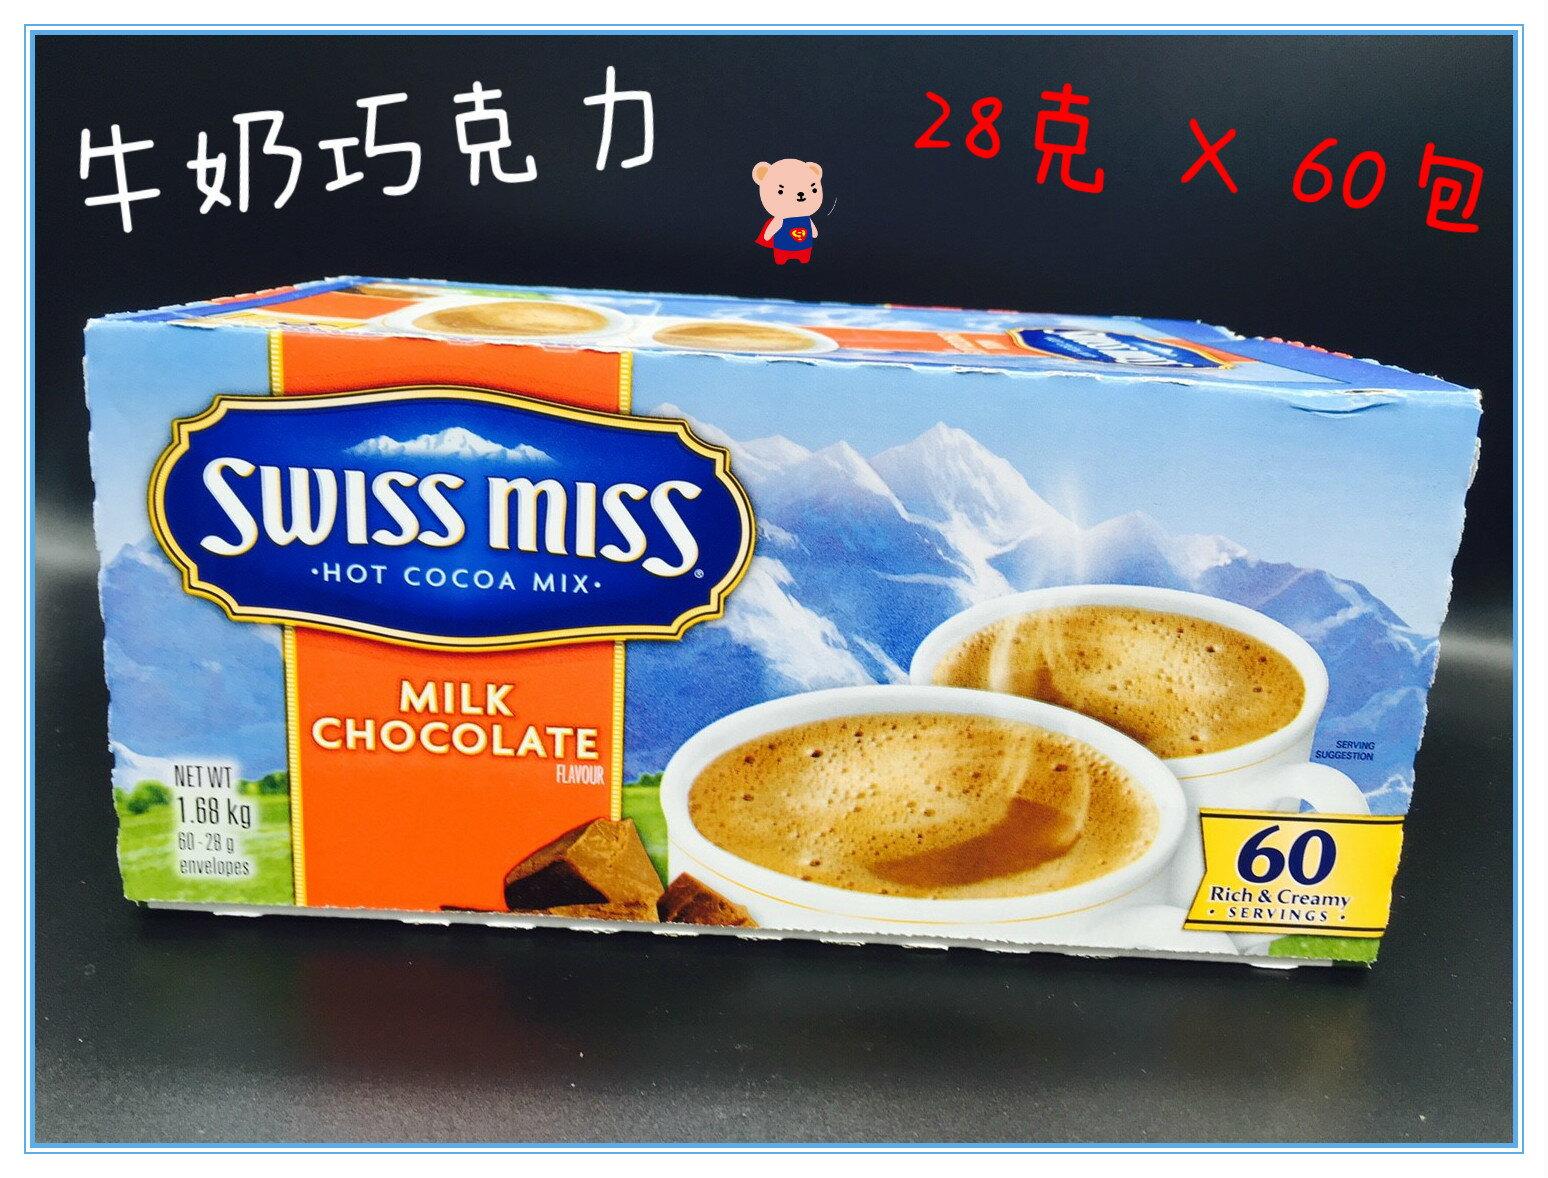 ?含發票?團購價?Swiss Miss香醇巧克力即溶可可粉/即溶可可粉?巧克力粉 可可粉 巧克力牛奶 隨手包 巧克力飲品 熱飲?